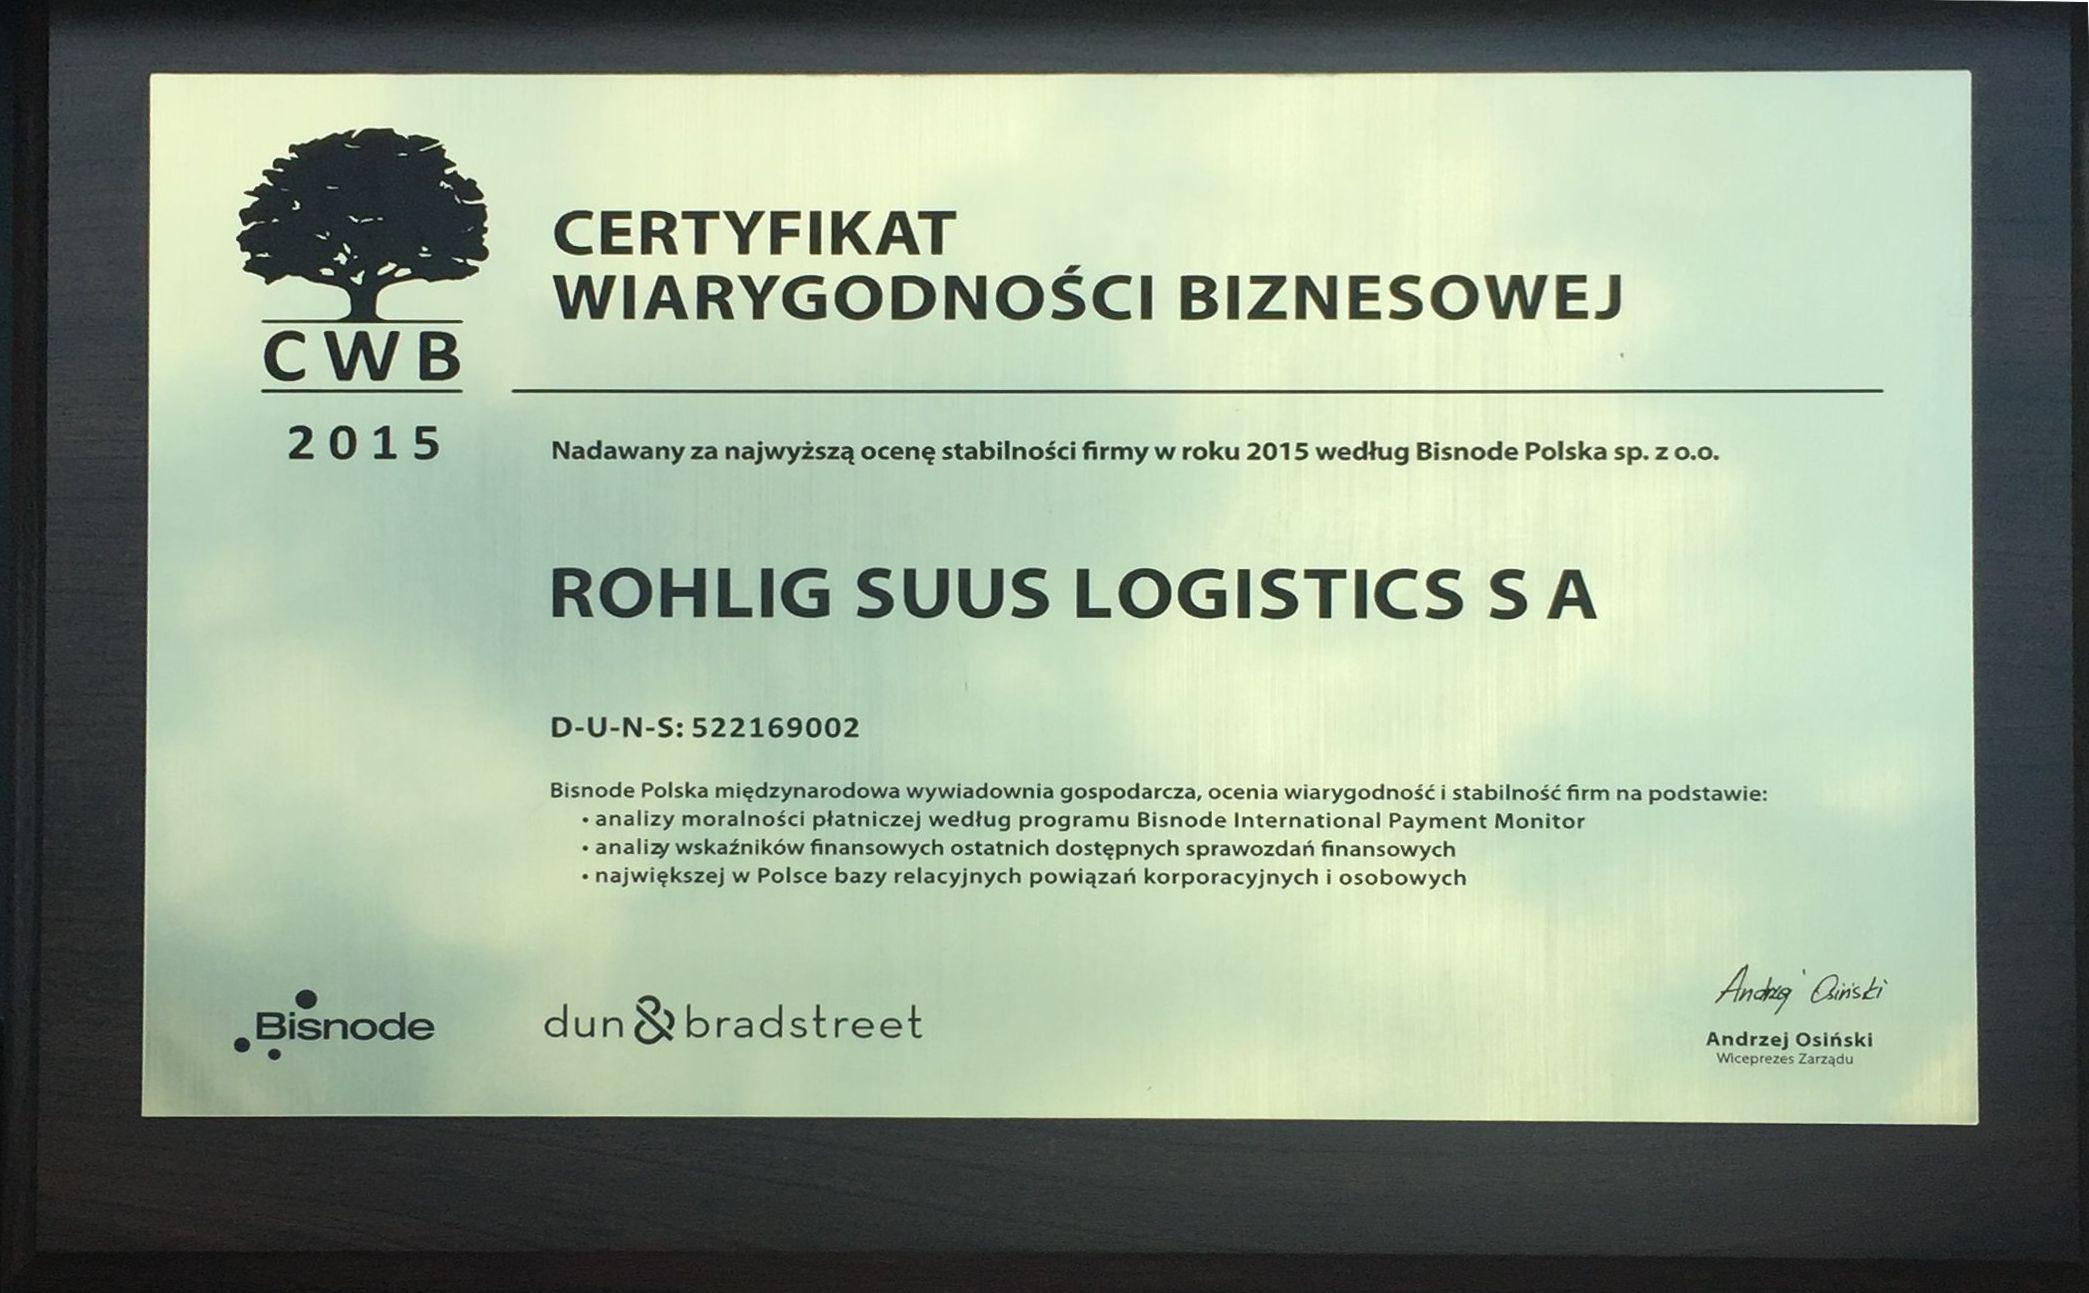 ROHLIG SUUS Logistics z prestiżowym Certyfikatem